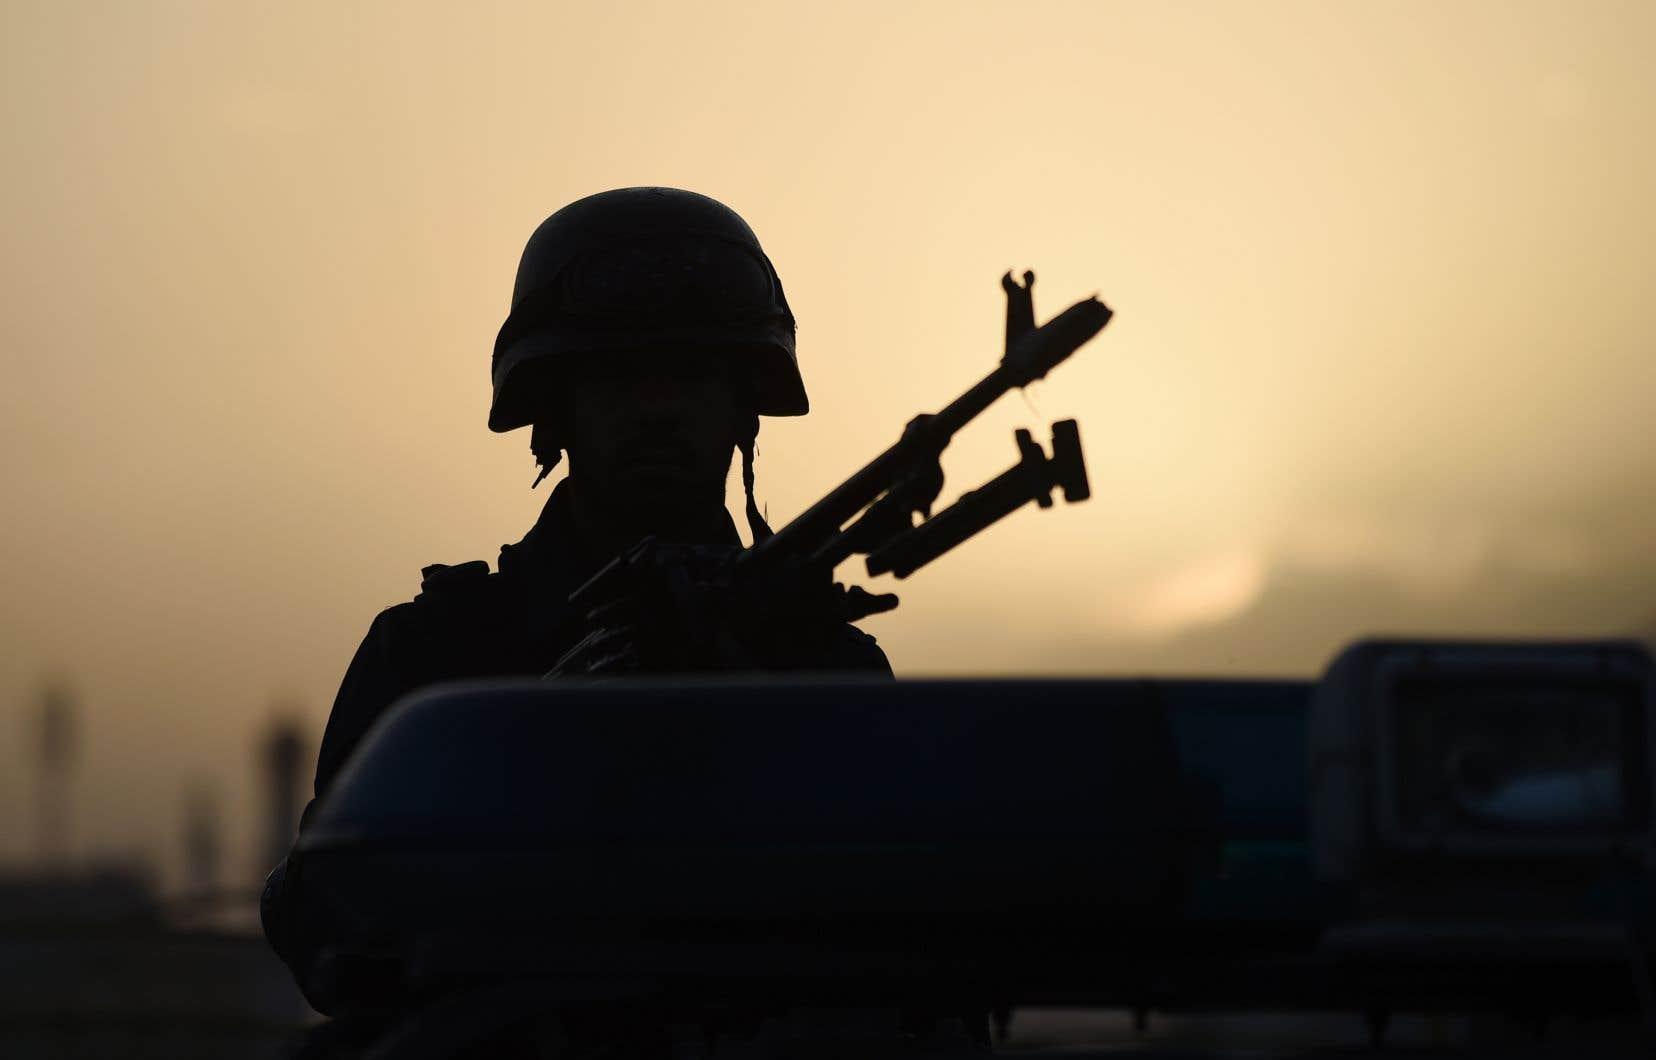 Des soldats américains, mais aussi les forces afghanes et les talibans se sont possiblement rendus coupables d'exactions, selon un rapport publié l'an dernier.